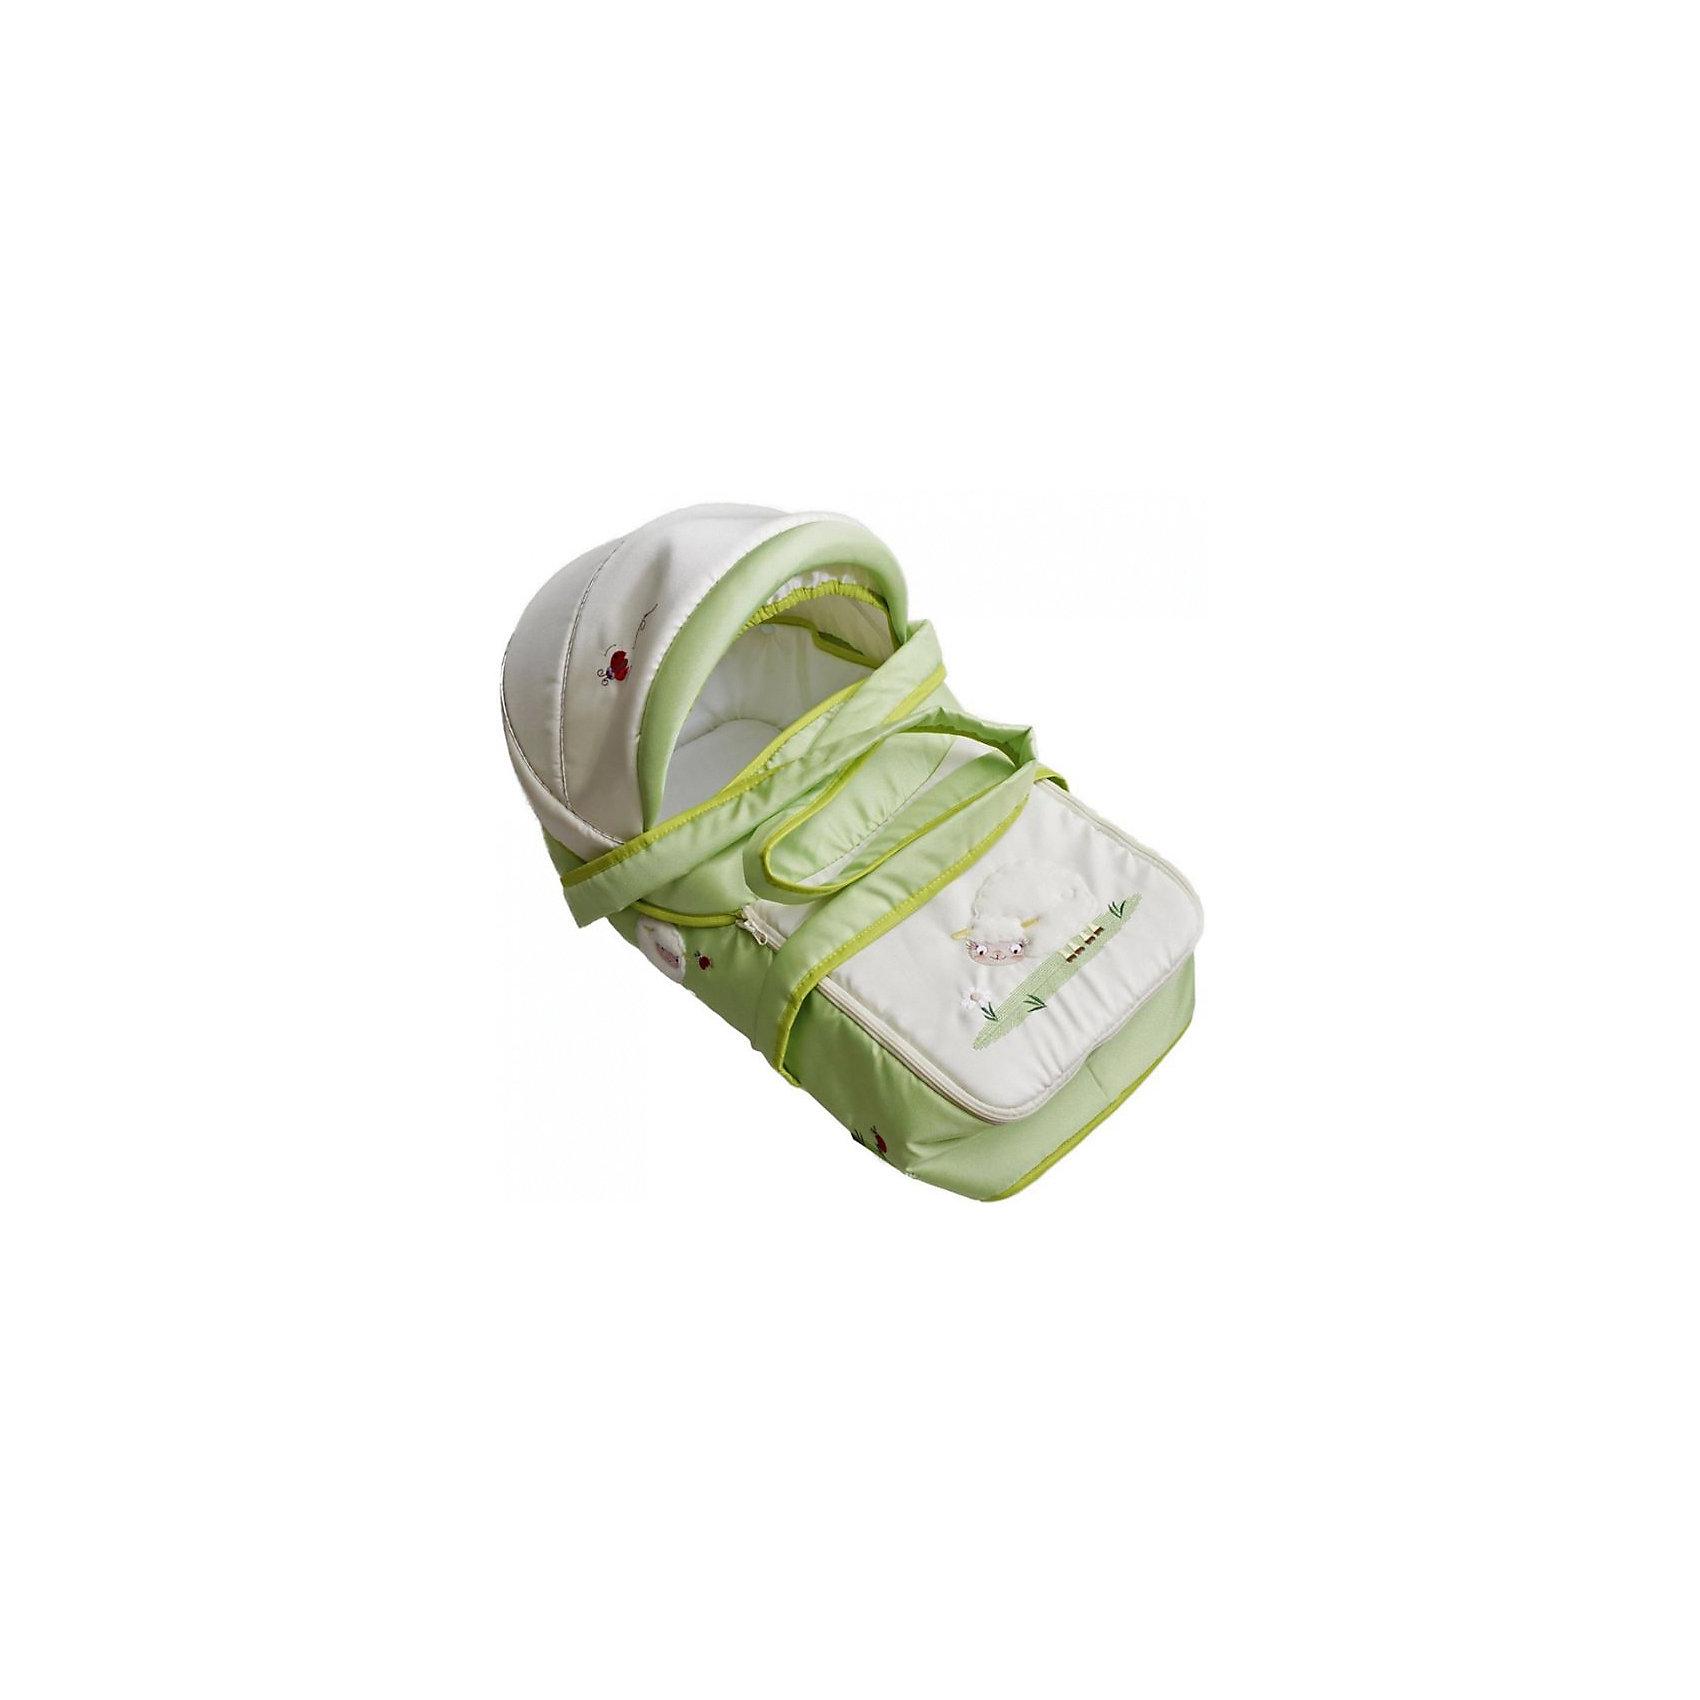 Люлька-переноска для коляски ВЕСЕЛЫЕ ЗВЕРЯТА, Лео, На лугуСлинги и рюкзаки-переноски<br>Красивая удобная люлька-переноска для коляски позволит переносить ребенка, не беспокоясь при этом о его безопасности. Боковины и изголовье изделия укреплены, поэтому малыш будет защищен от внешних вмешательств. Люлька оснащена ручками для переноски, капор отстегивается. Высокие бортики защитят малыша от непогоды. <br>Внутренняя обивка сделана из 100% хлопка. Конструкция  - очень удобная и прочная. Изделие произведено из качественных и безопасных для малышей материалов, оно соответствуют всем современным требованиям безопасности.<br> <br>Дополнительная информация:<br><br>цвет: желтый;<br>для детей весом до 8 кг;<br>боковины и изголовье укреплены;<br>капор отстегивается;<br>ручки для переноски;<br>высокие бортики;<br>внутренняя обивка из 100% хлопка.<br><br>Люльку-переноску для коляски ВЕСЕЛЫЕ ЗВЕРЯТА, На лугу, от компании Лео можно купить в нашем магазине.<br><br>Ширина мм: 640<br>Глубина мм: 290<br>Высота мм: 150<br>Вес г: 1450<br>Возраст от месяцев: 0<br>Возраст до месяцев: 4<br>Пол: Унисекс<br>Возраст: Детский<br>SKU: 4720076